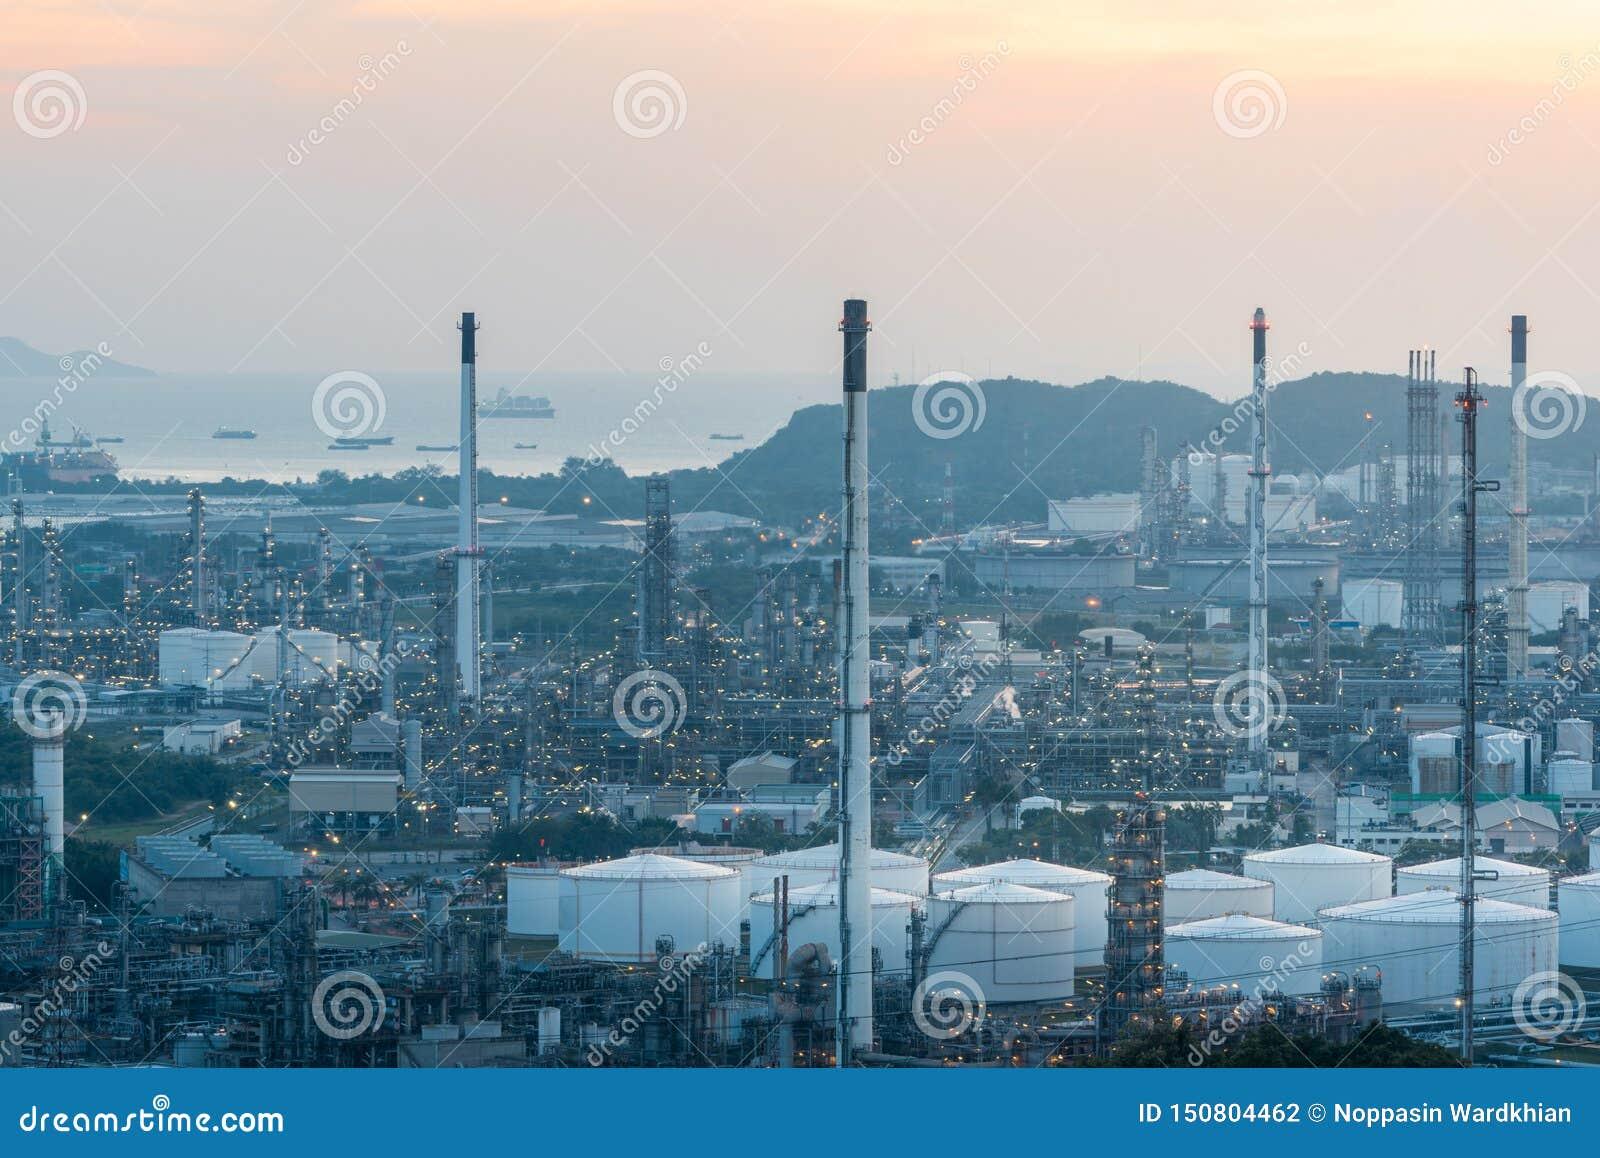 油和煤气产业-日落的精炼厂鸟瞰图-工厂-石油化工厂,从炼油厂寄生虫的射击和